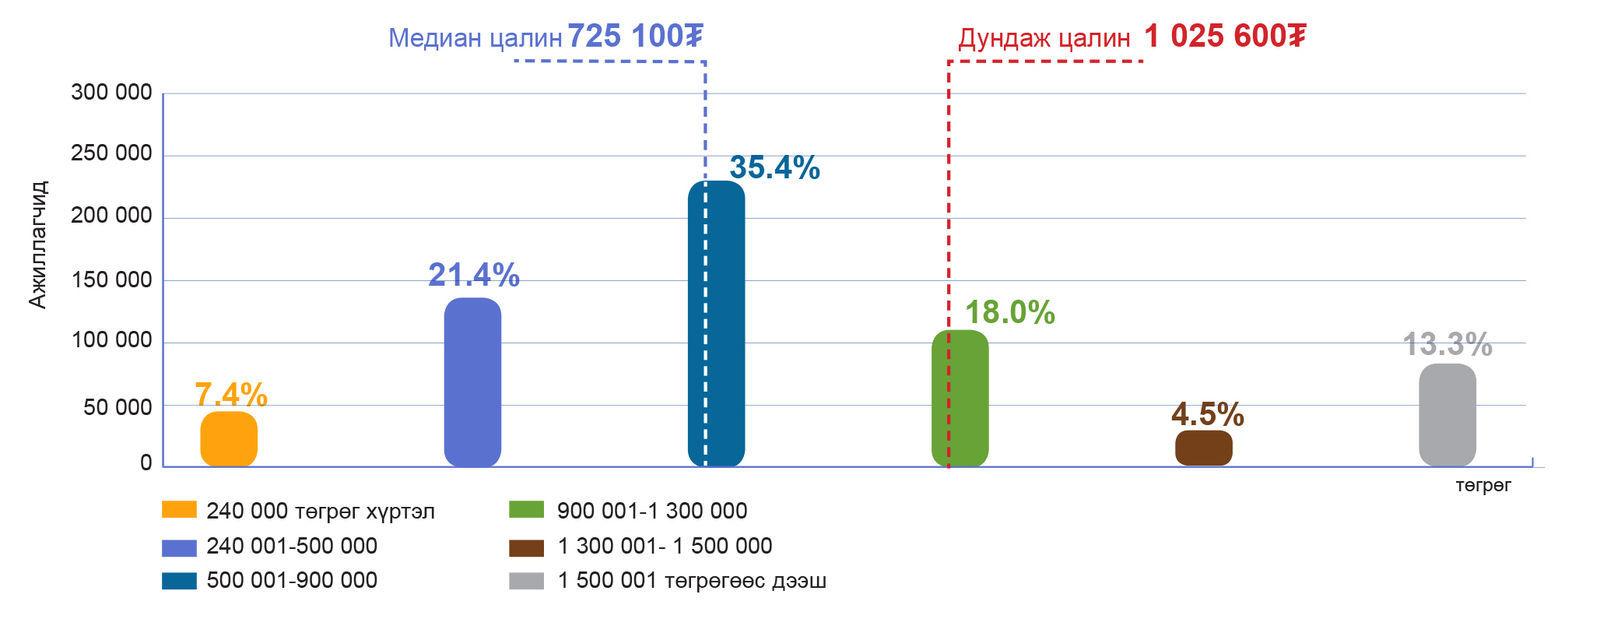 ҮСХ: Монголчуудын дундаж цалин 1.025.600 төгрөг undefined